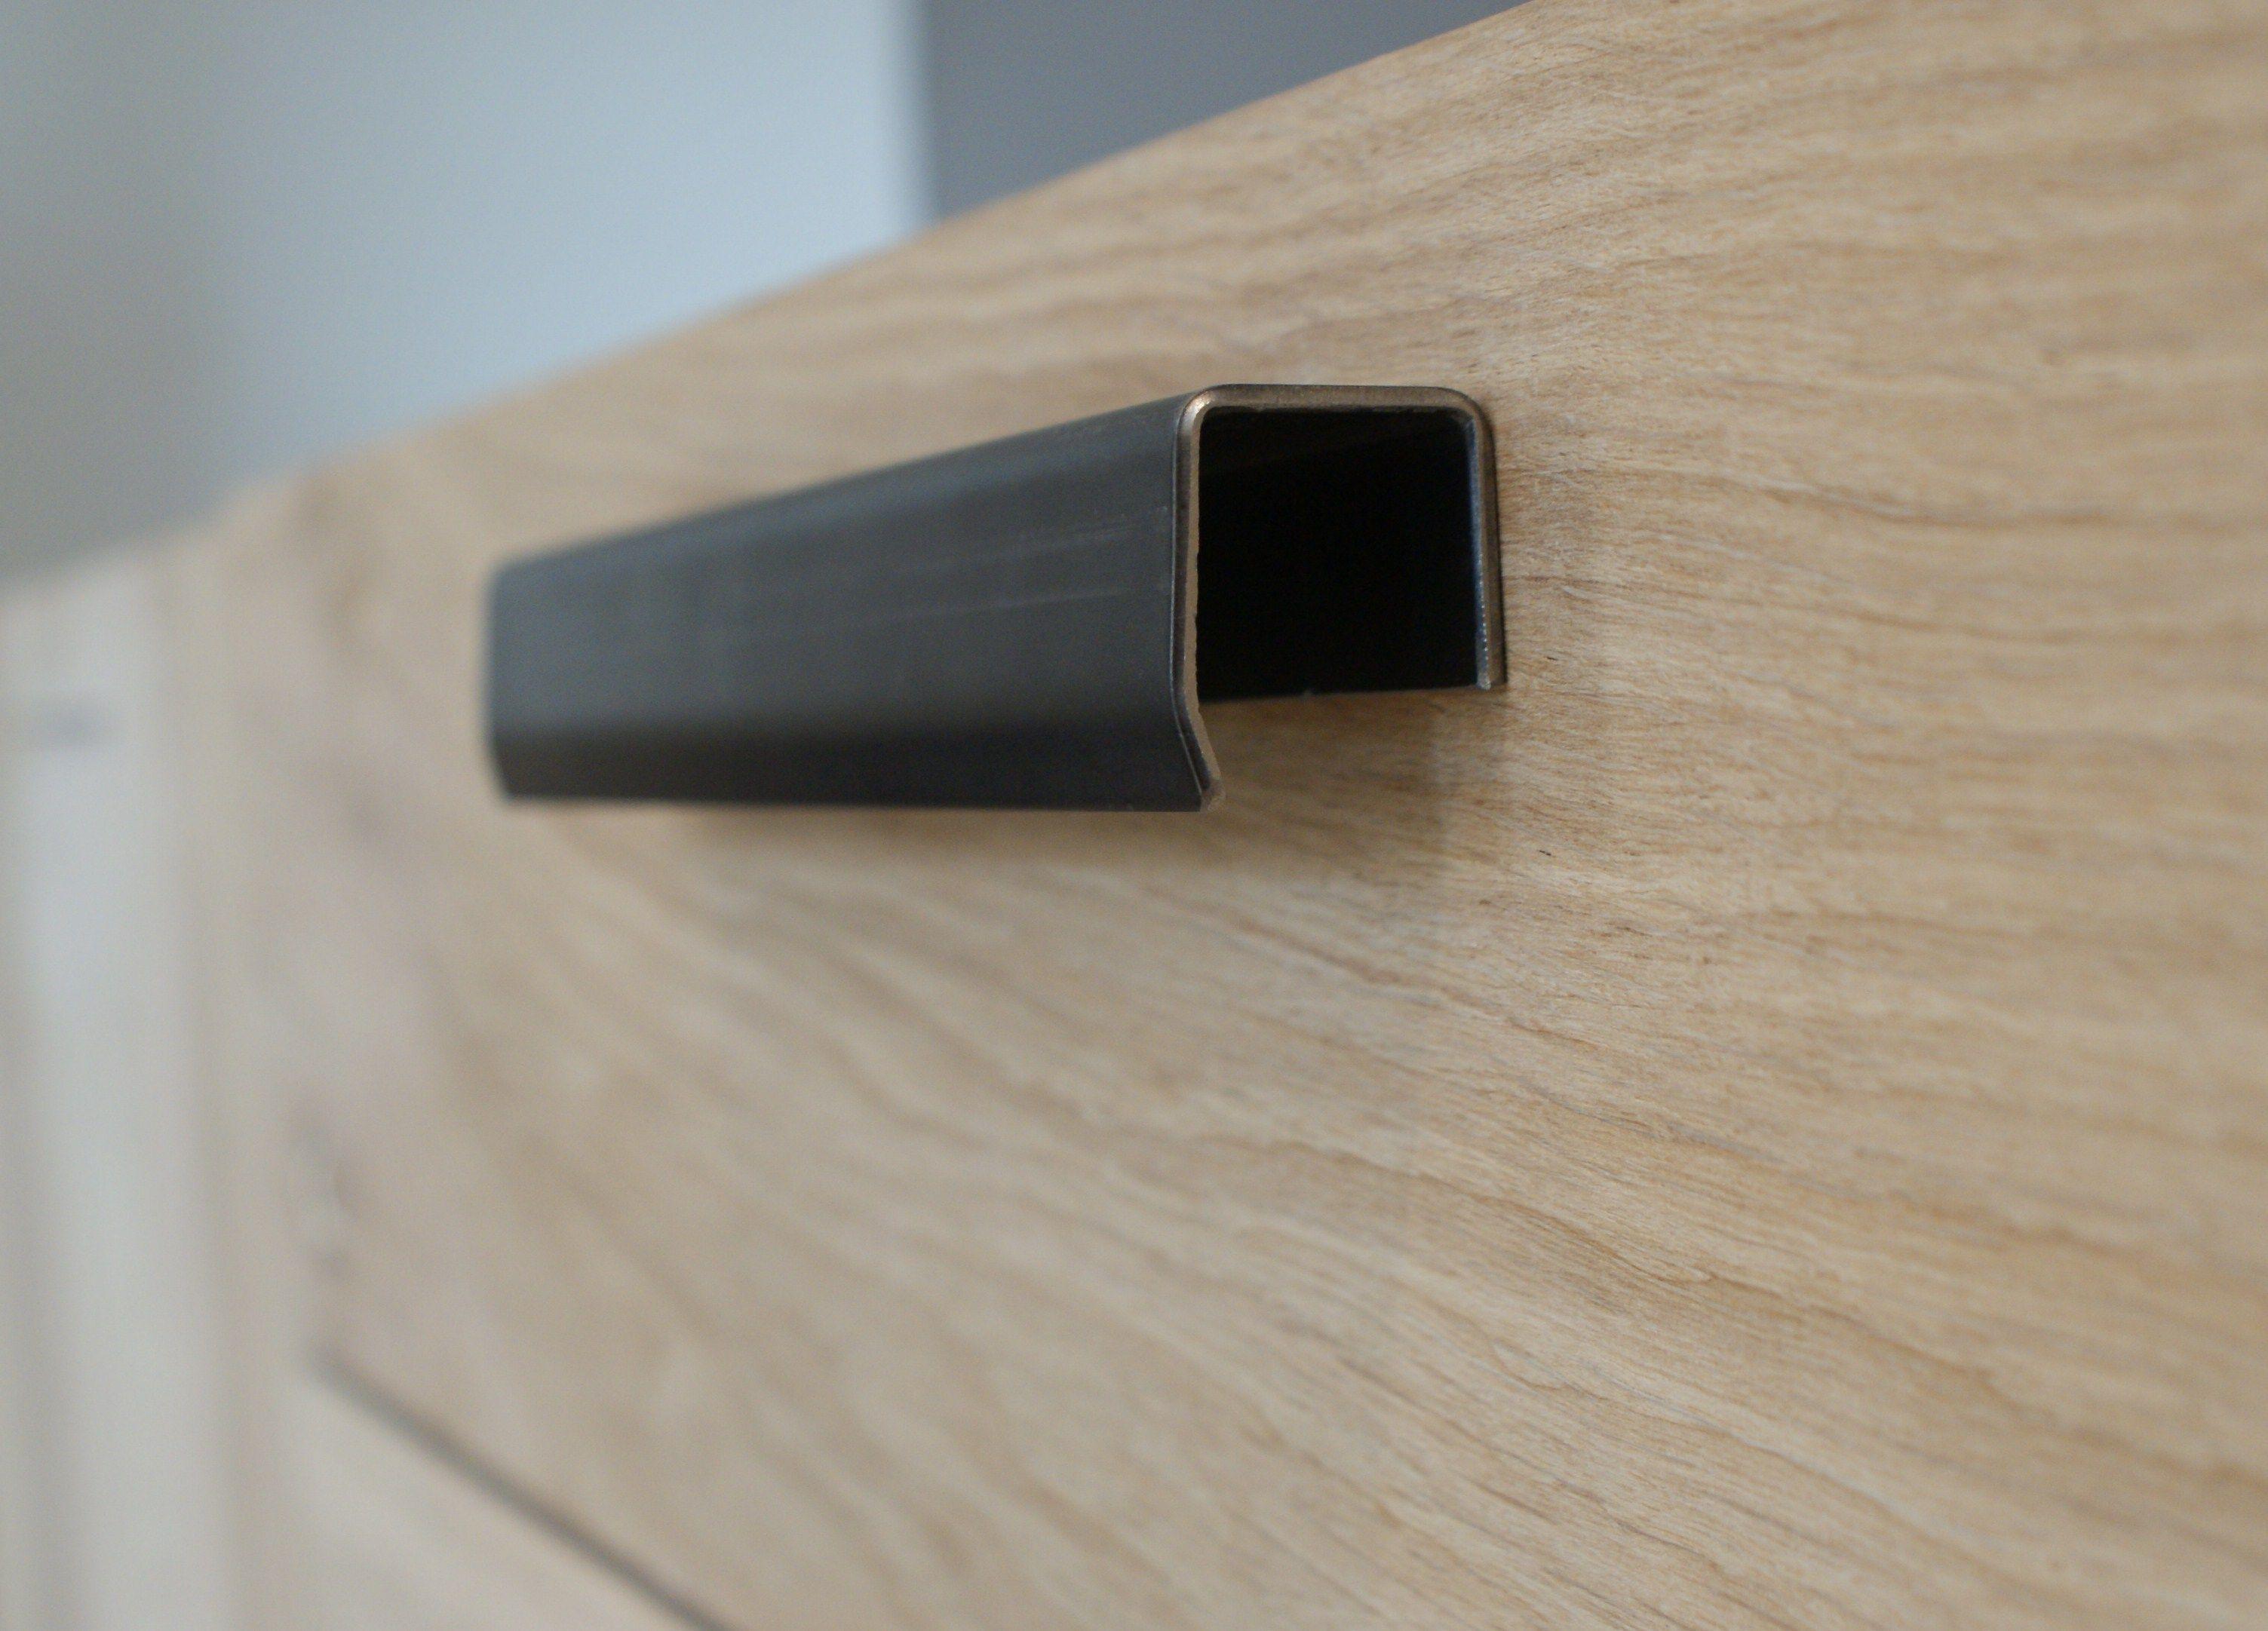 Épinglé par laetitia farjonel sur Typic Design  Poignée meuble